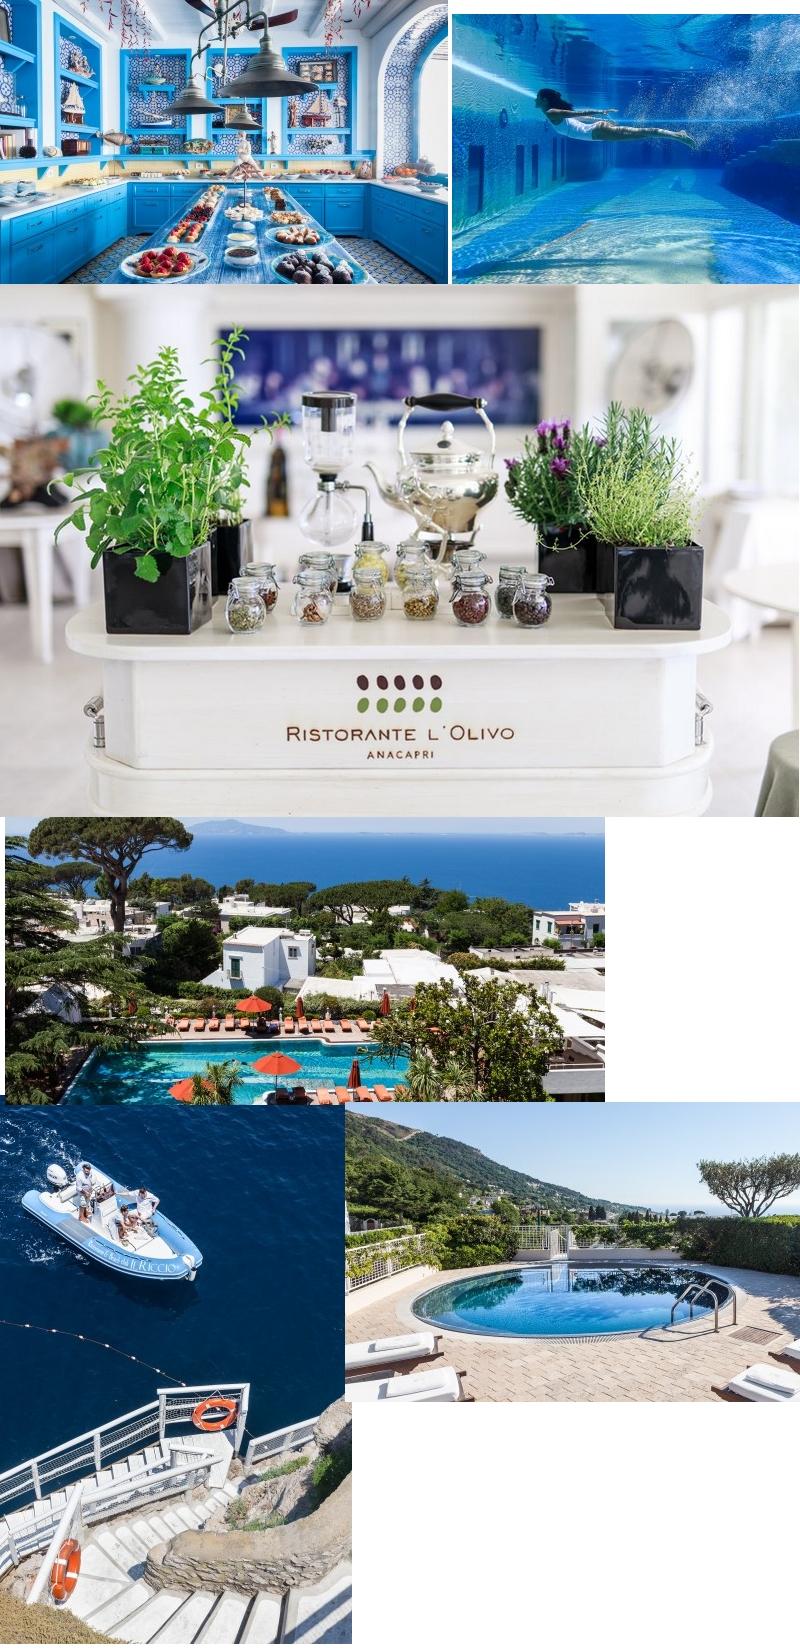 Capri Palace Italy-2020